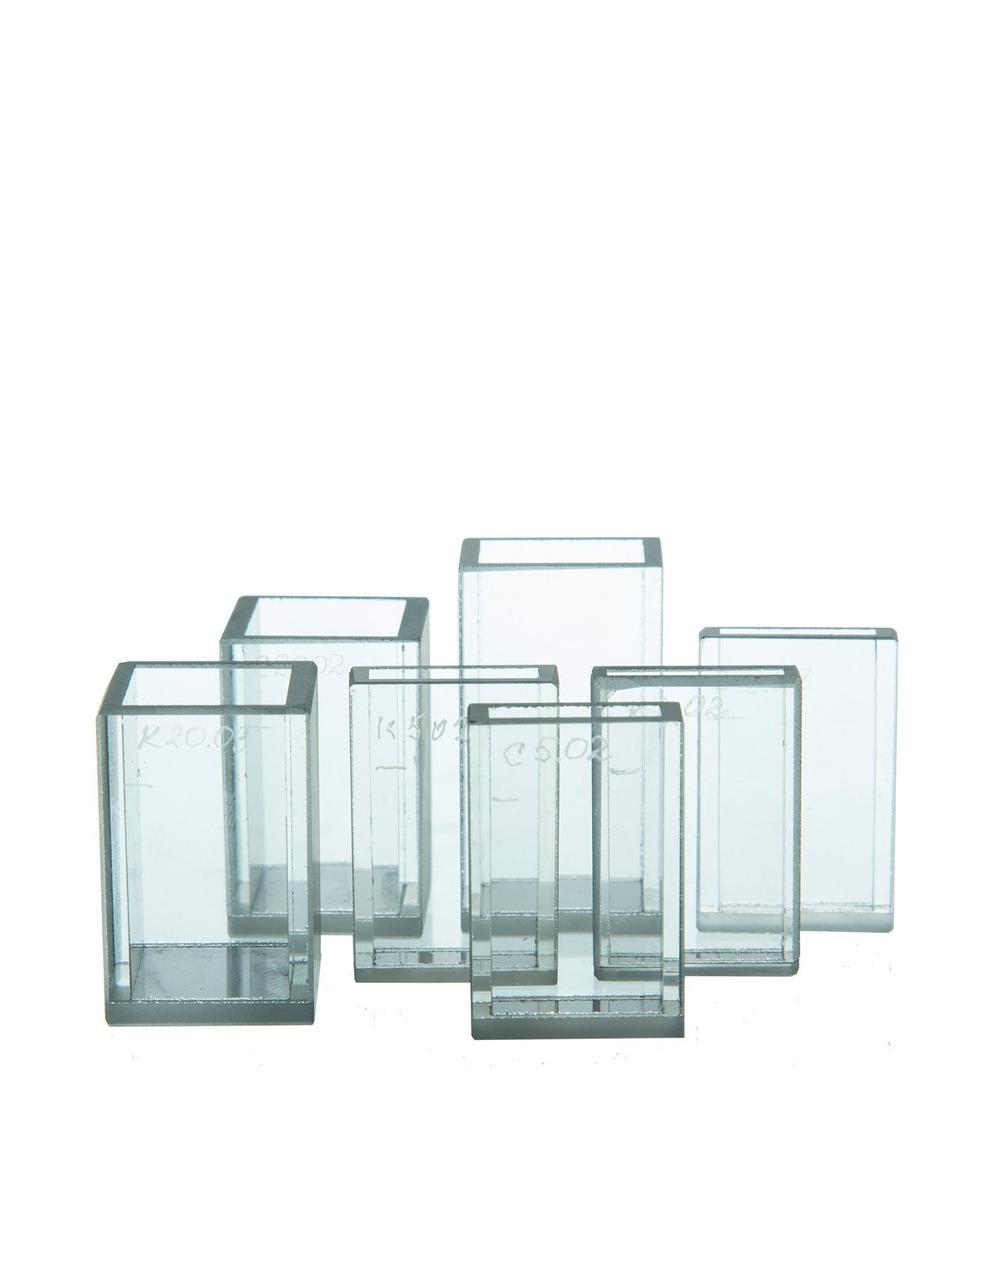 Кюветы для фотометрии из стекла К-8   30 мм (габаритные размеры 34х24х37) 12002325